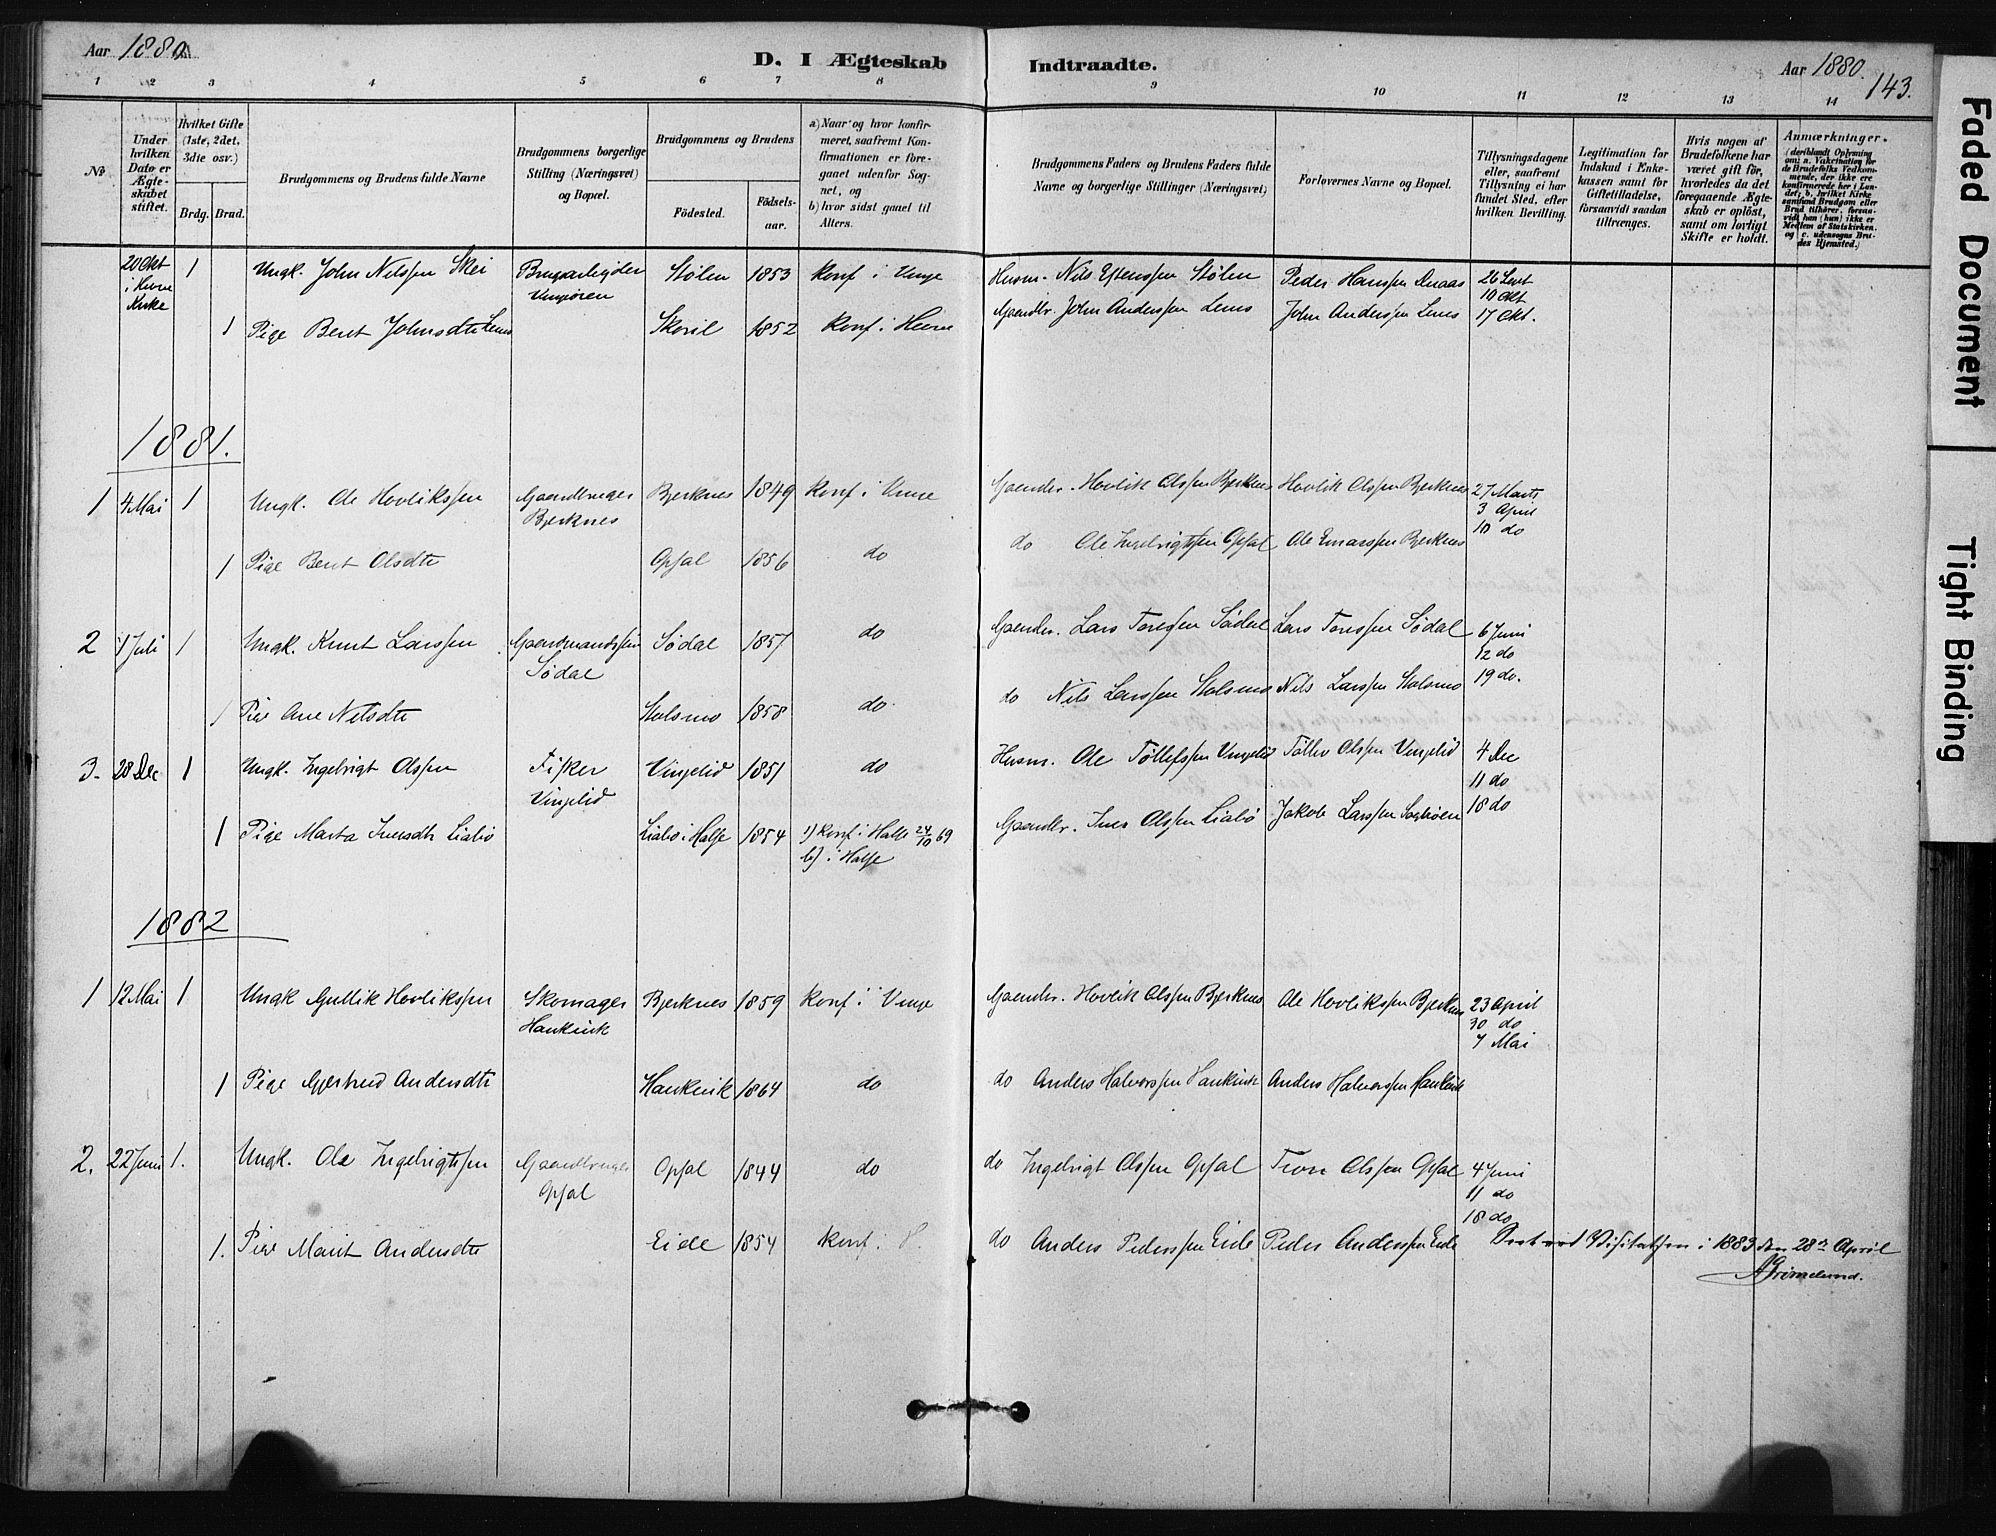 SAT, Ministerialprotokoller, klokkerbøker og fødselsregistre - Sør-Trøndelag, 631/L0512: Ministerialbok nr. 631A01, 1879-1912, s. 143